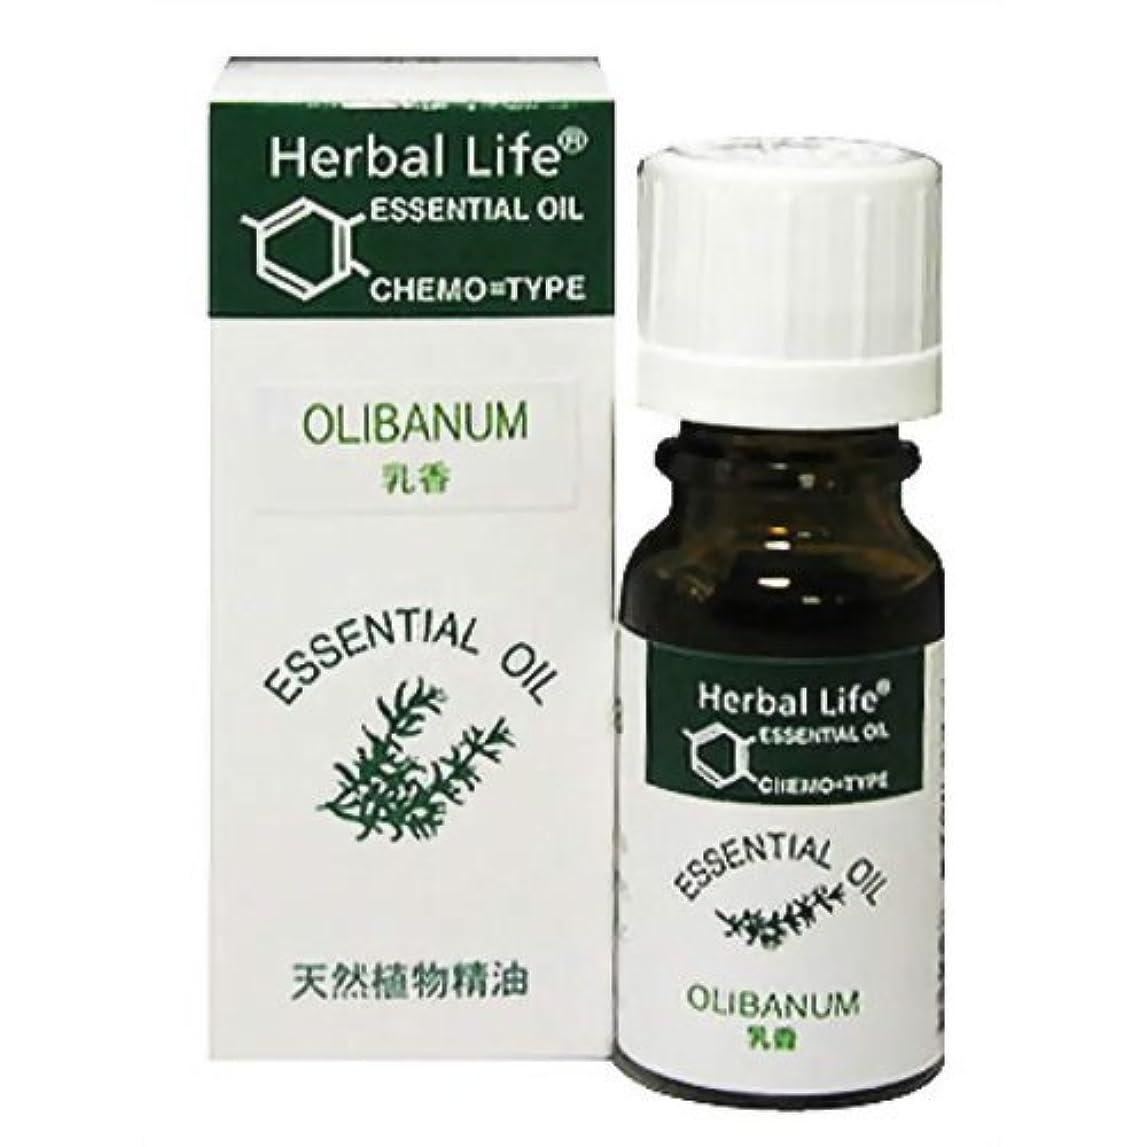 ケニア学生地域生活の木 Herbal Life オリバナム(乳香?フランキンセンス) 10ml